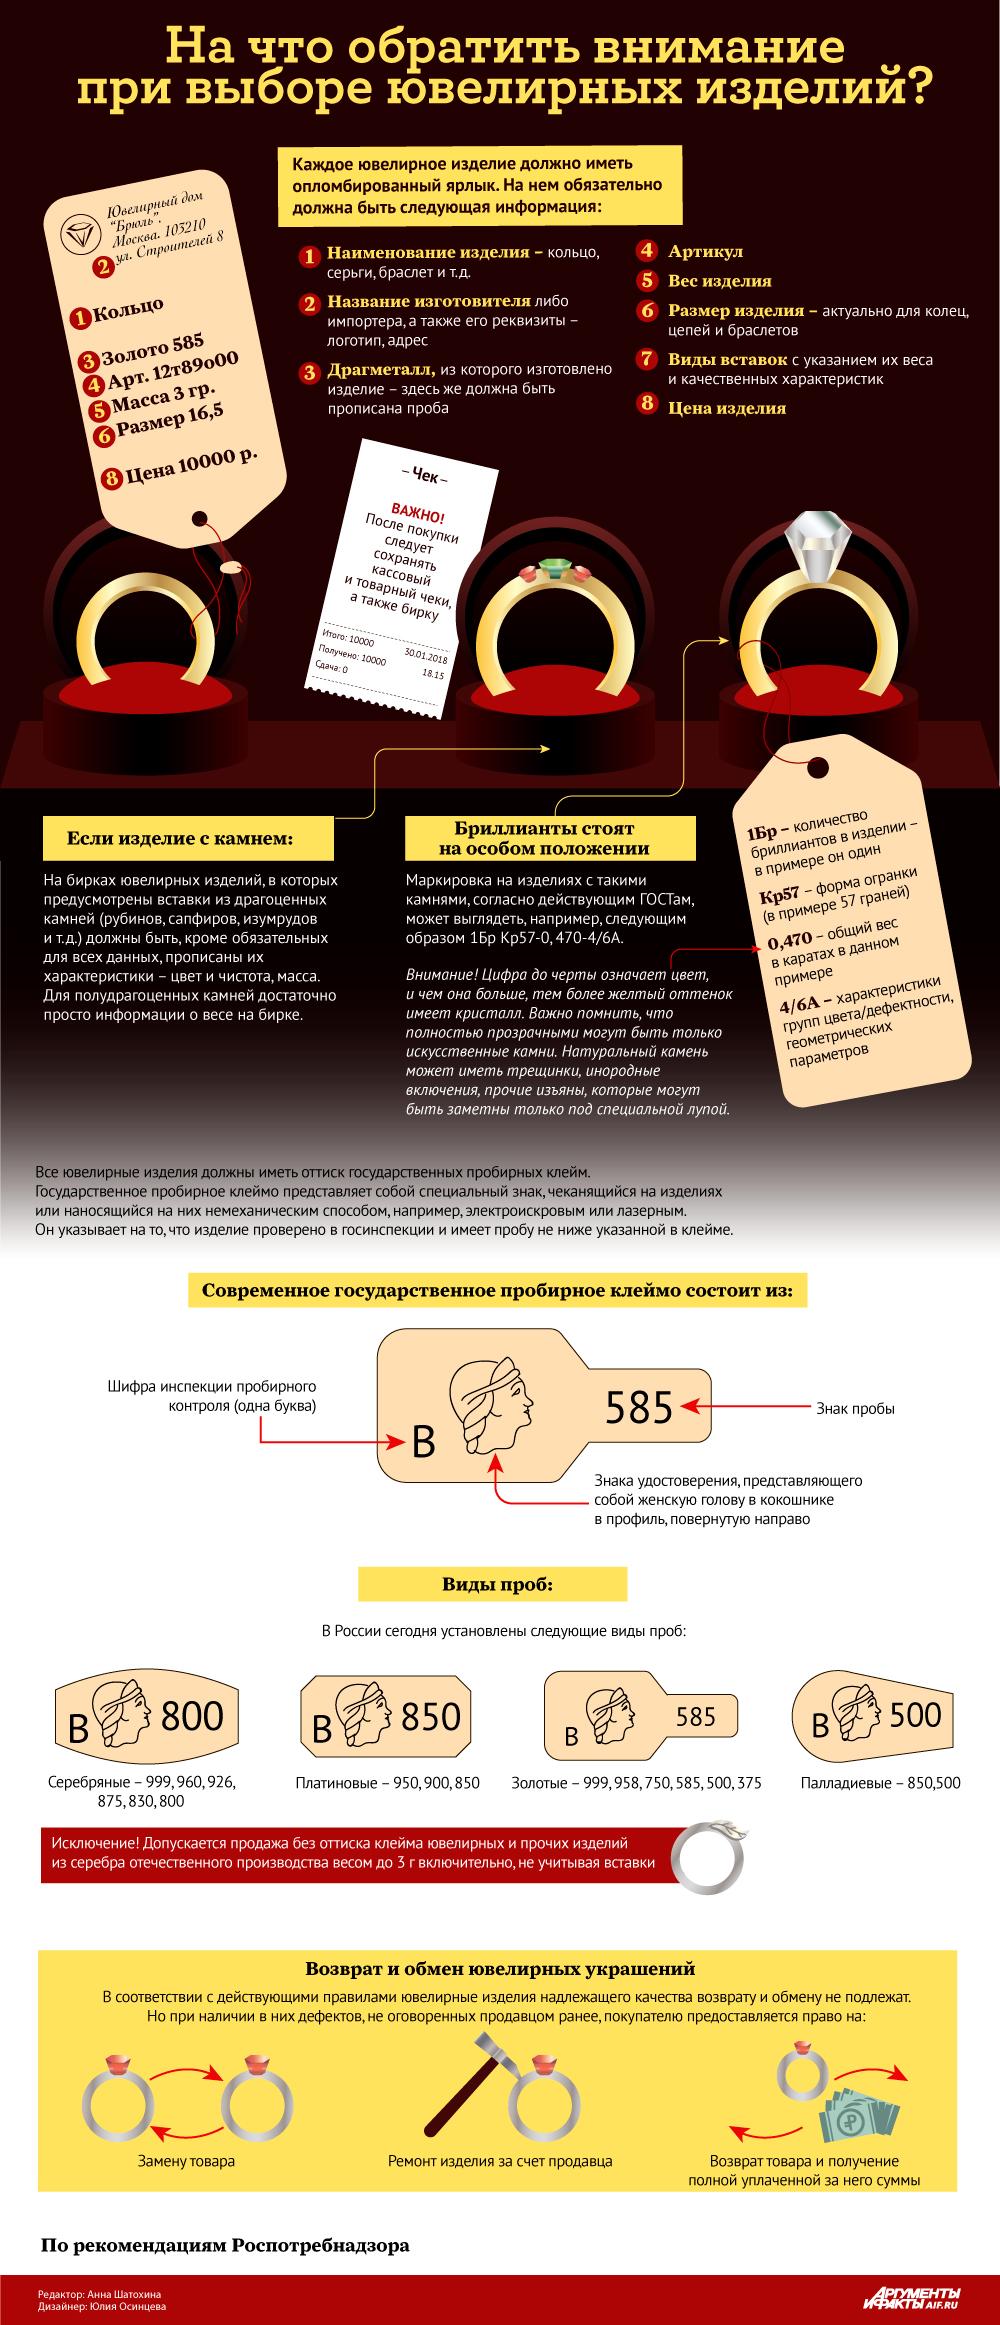 http://www.rospotrebnadzor.ru/files/pozdrav/%D1%8E%D0%B2%D0%B5%D0%BB%D0%B8%D1%80%D0%BA%D0%B0.jpg